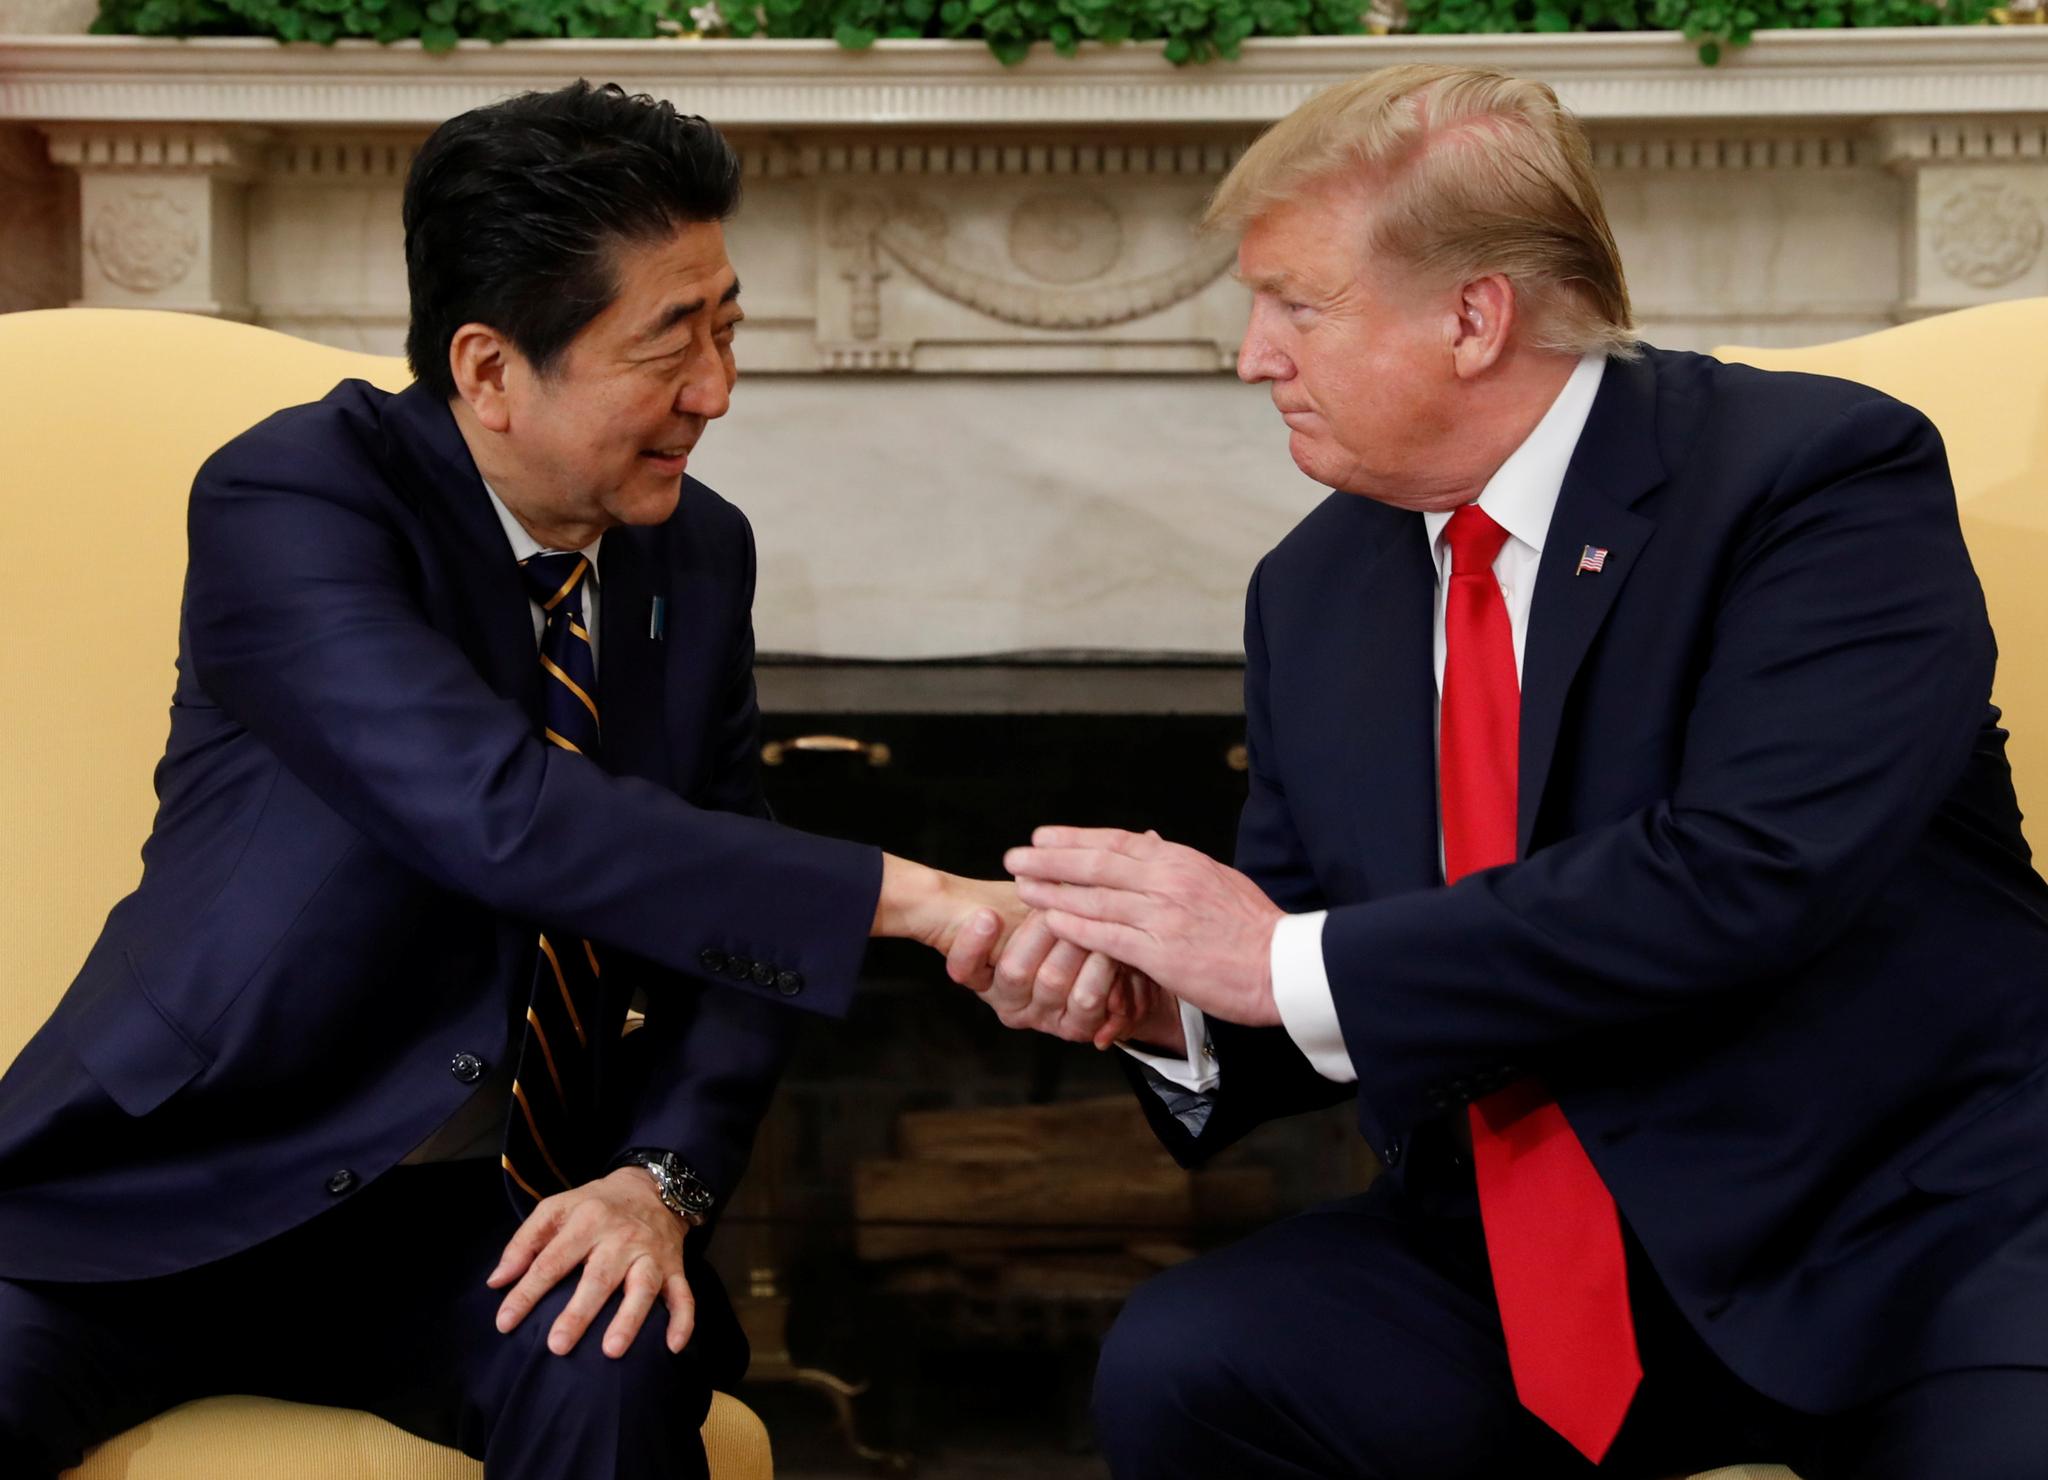 미국 백악관에서 악수하는 도널드 트럼프 미국 대통령(오른쪽)과 아베 신조 일본 총리. [로이터=연합뉴스]